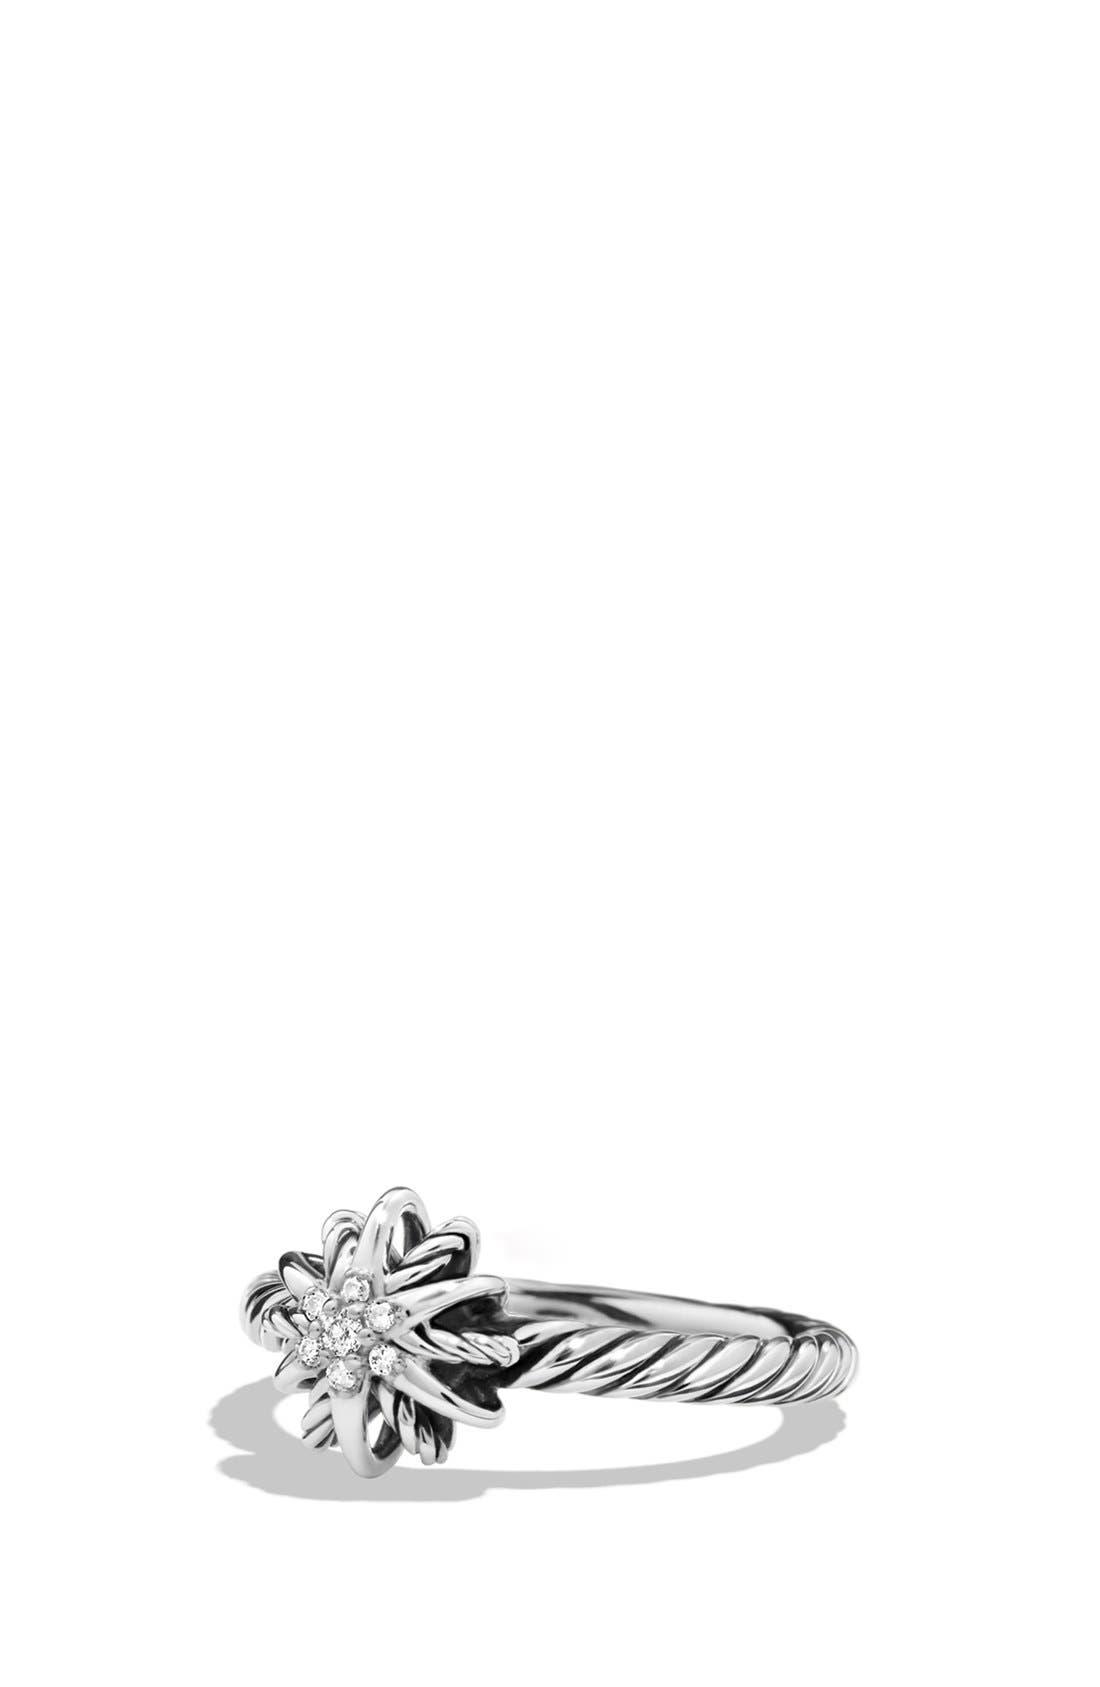 'Starburst' Ring with Diamonds,                         Main,                         color, DIAMOND